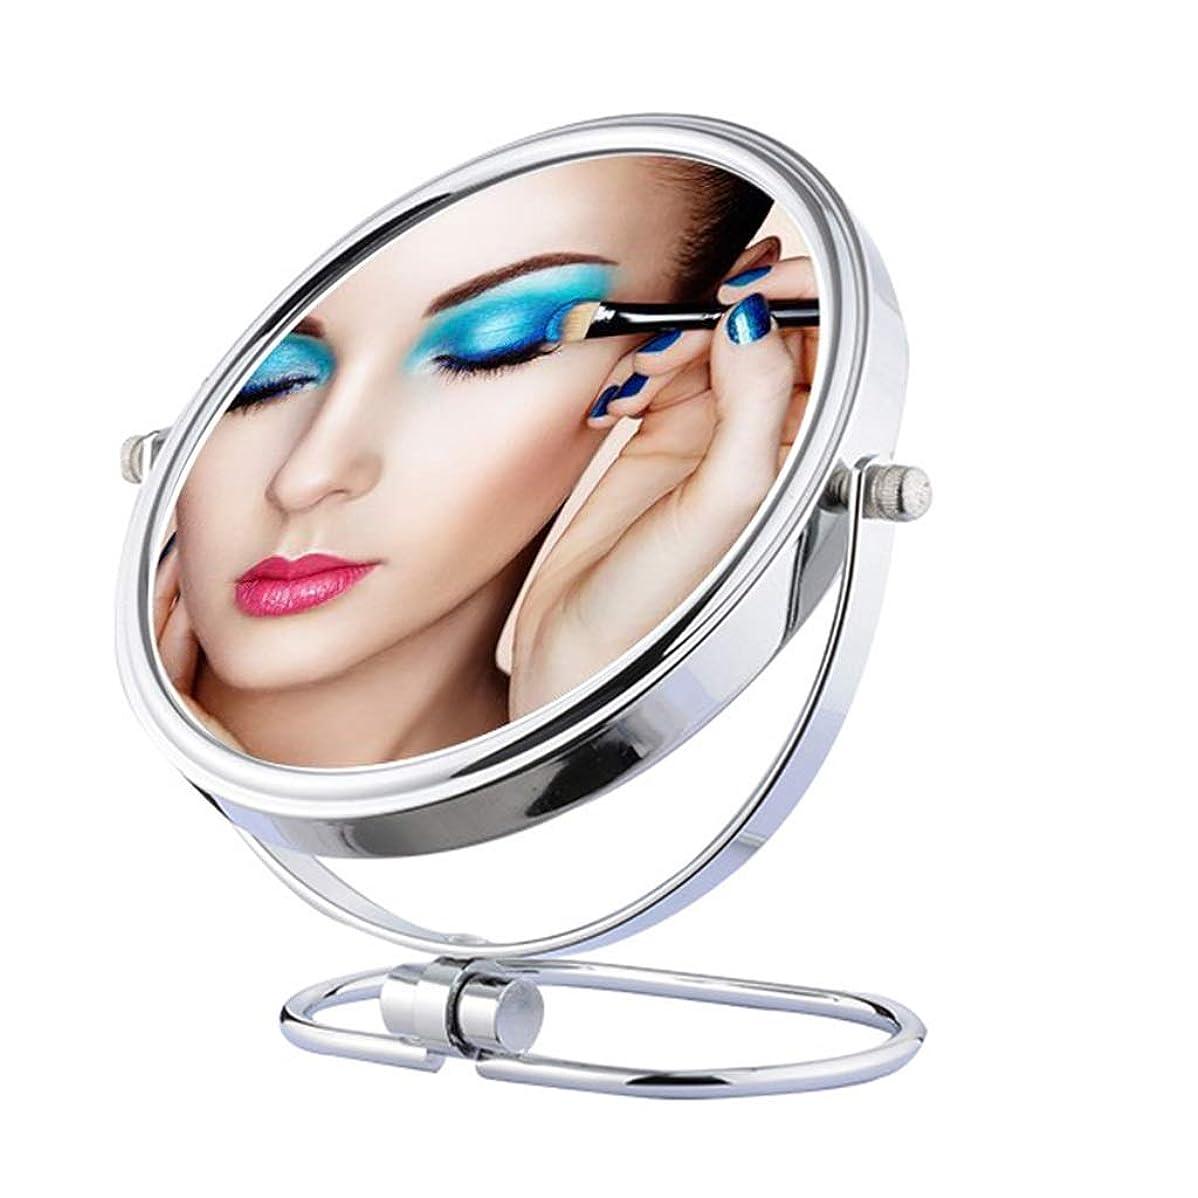 入浴自発ヒップ照明付き化粧鏡 吸引ミラーが付いている化粧鏡3Xの拡大の化粧鏡、手持ち型のミラー拡大の360度の旋回旅行ミラー 化粧鏡 (Edition : 8-inch mirror (plane+3X zoom))